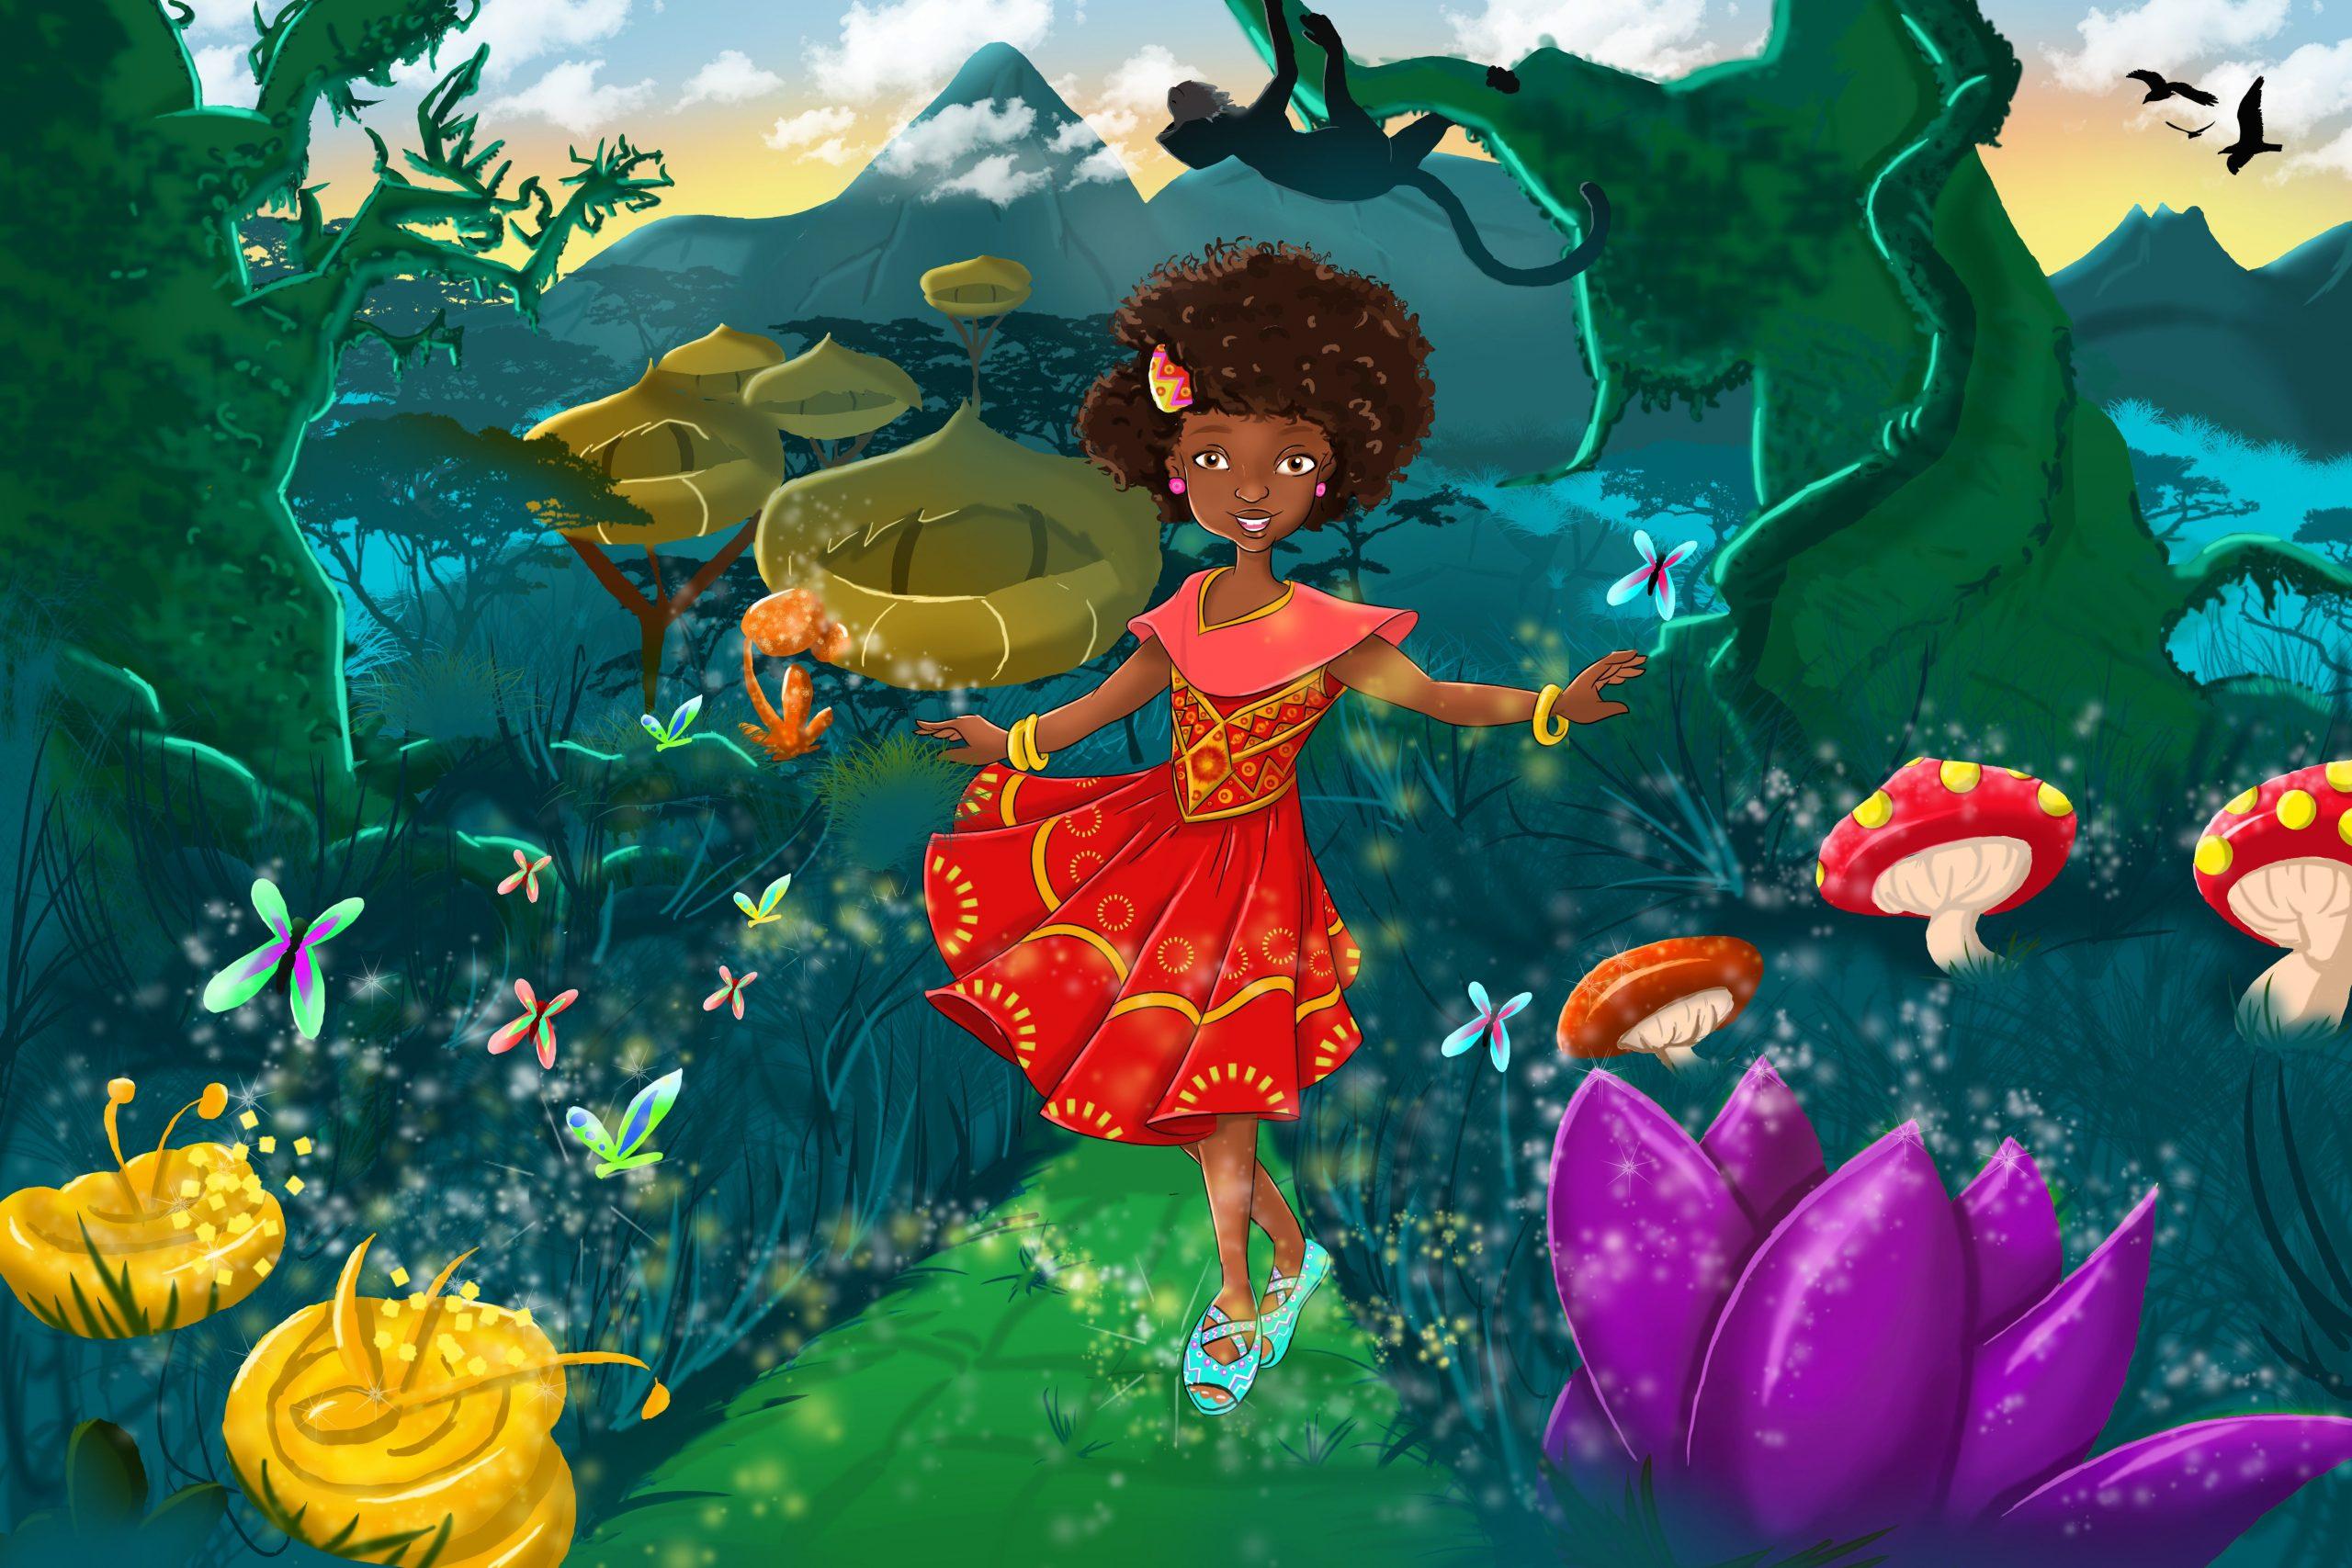 Children's book illustration by Mika Hirwa